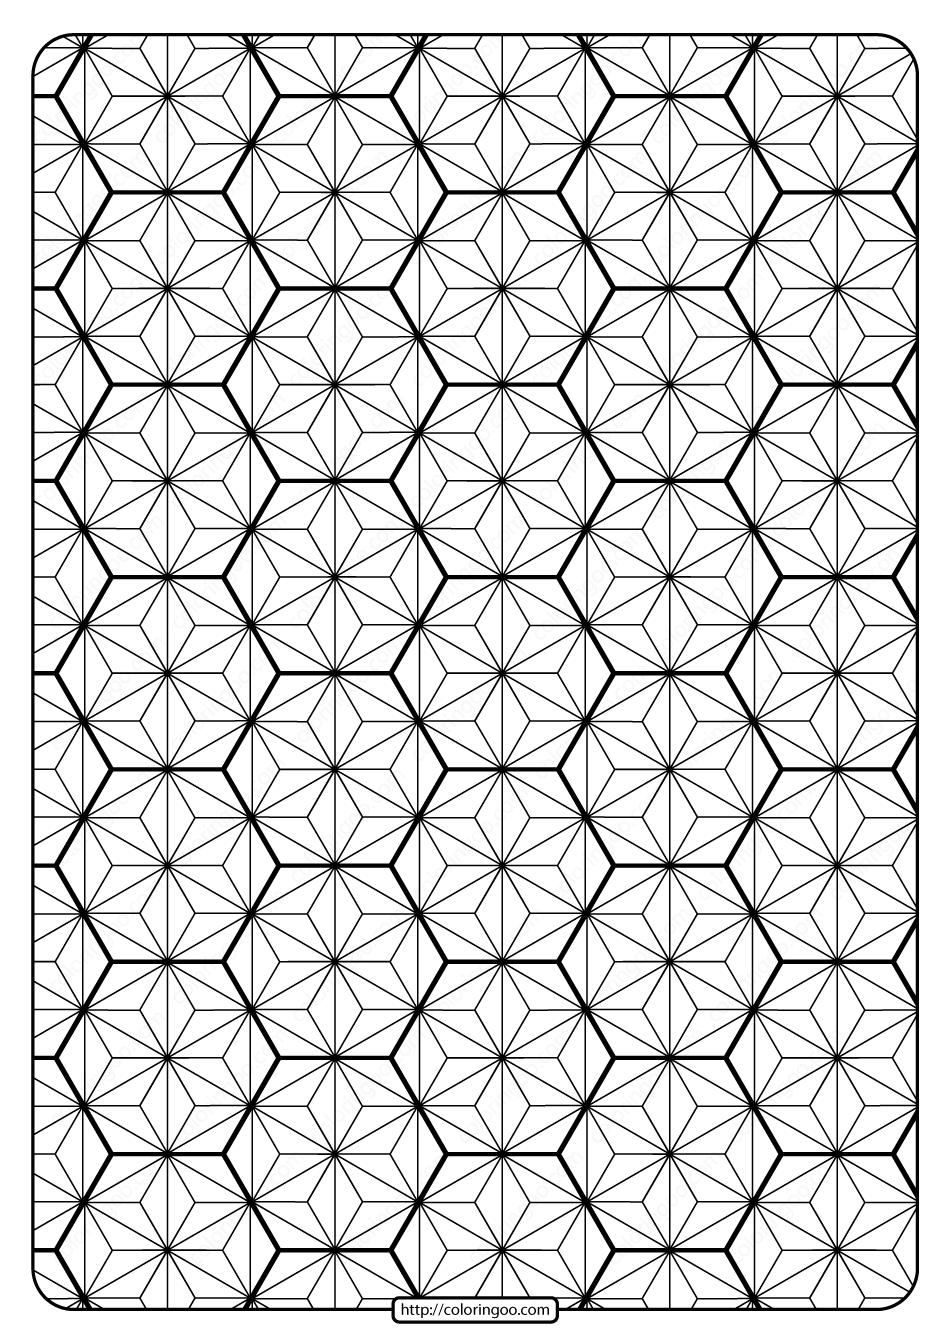 Printable Geometric Pattern Pdf Coloring Page 023